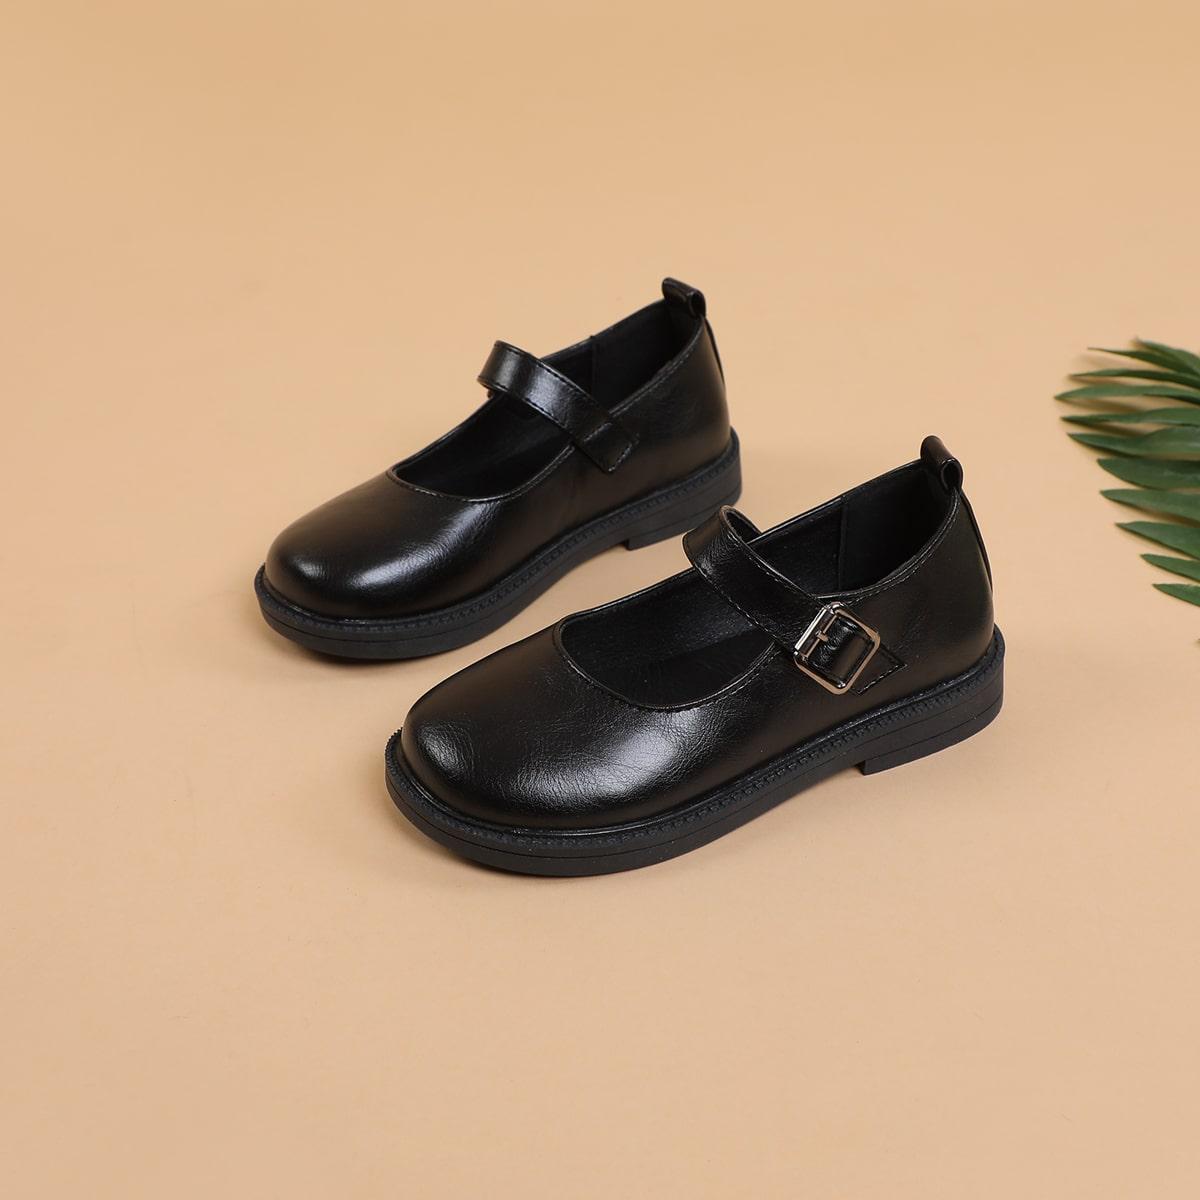 Минималистские туфли для девочек от SHEIN